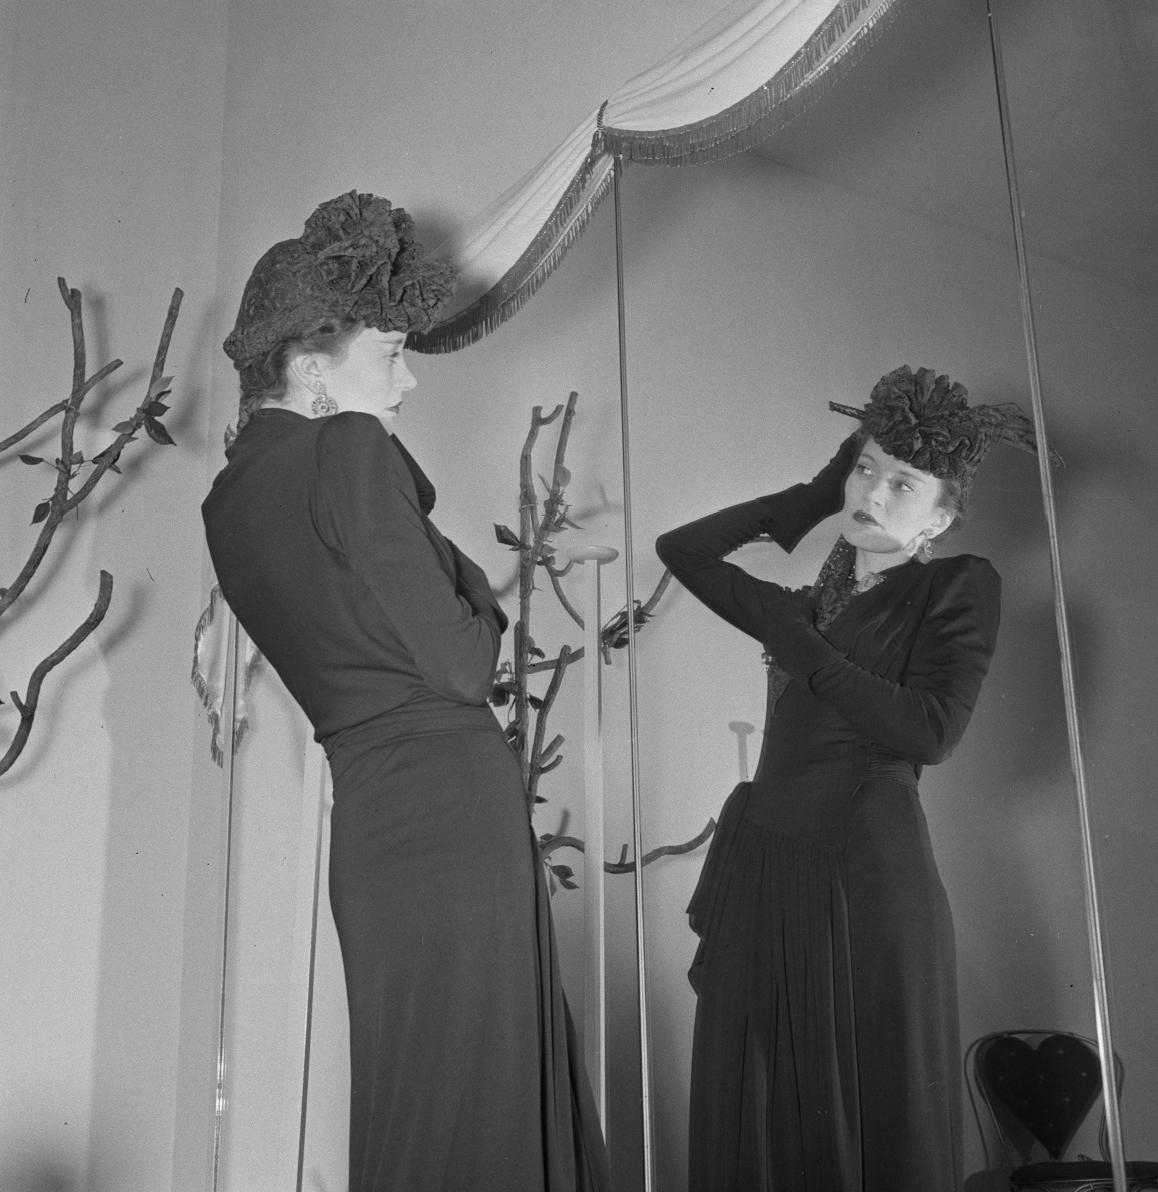 Париж под пятой оккупантов на фотографиях Андре Зукка. Часть 6. 1941. Дело в шляпе-2